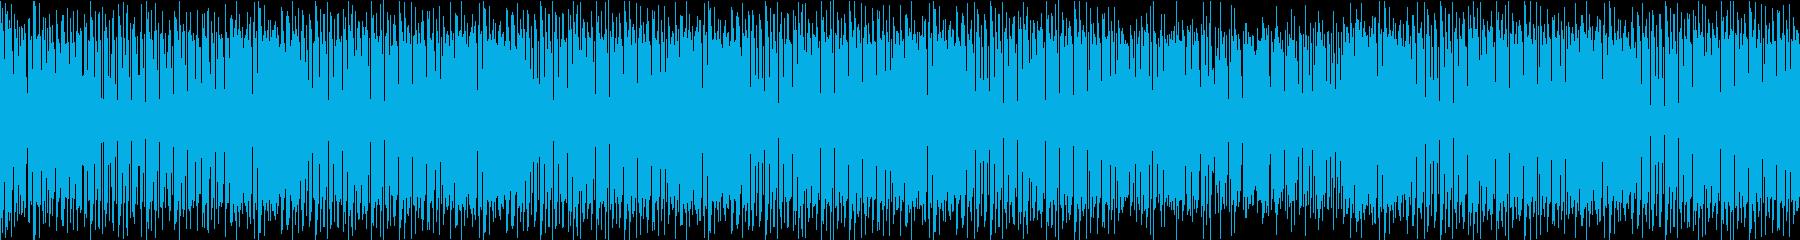 クールな感じが化学反応を起こしたテクノの再生済みの波形